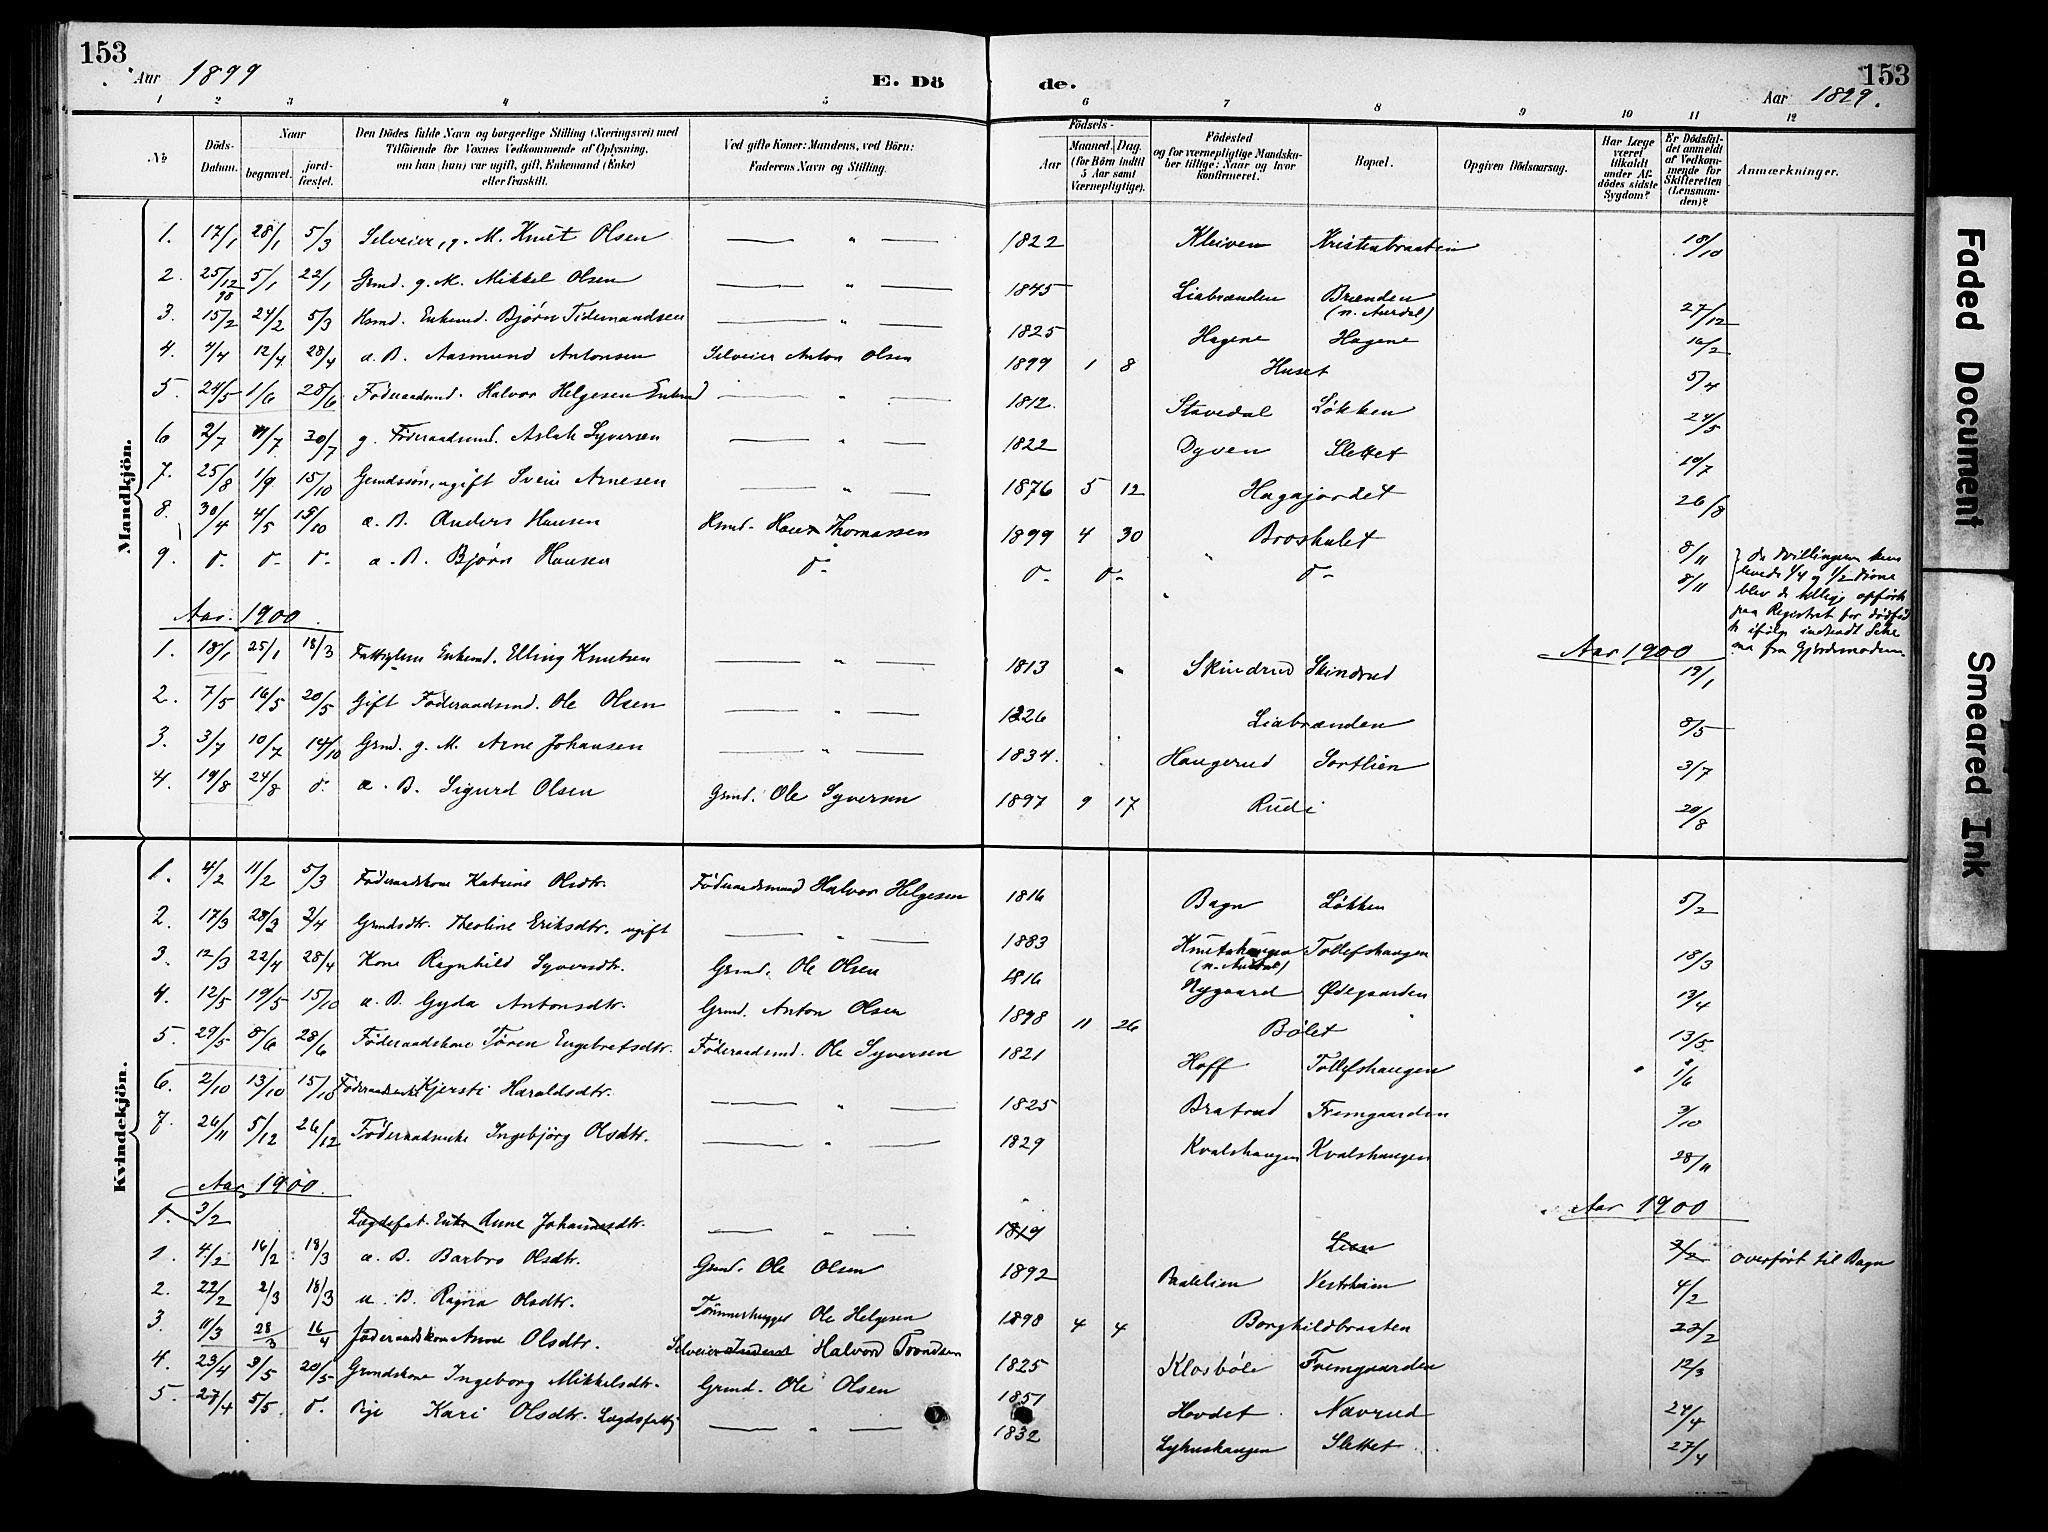 SAH, Sør-Aurdal prestekontor, Ministerialbok nr. 10, 1886-1906, s. 153